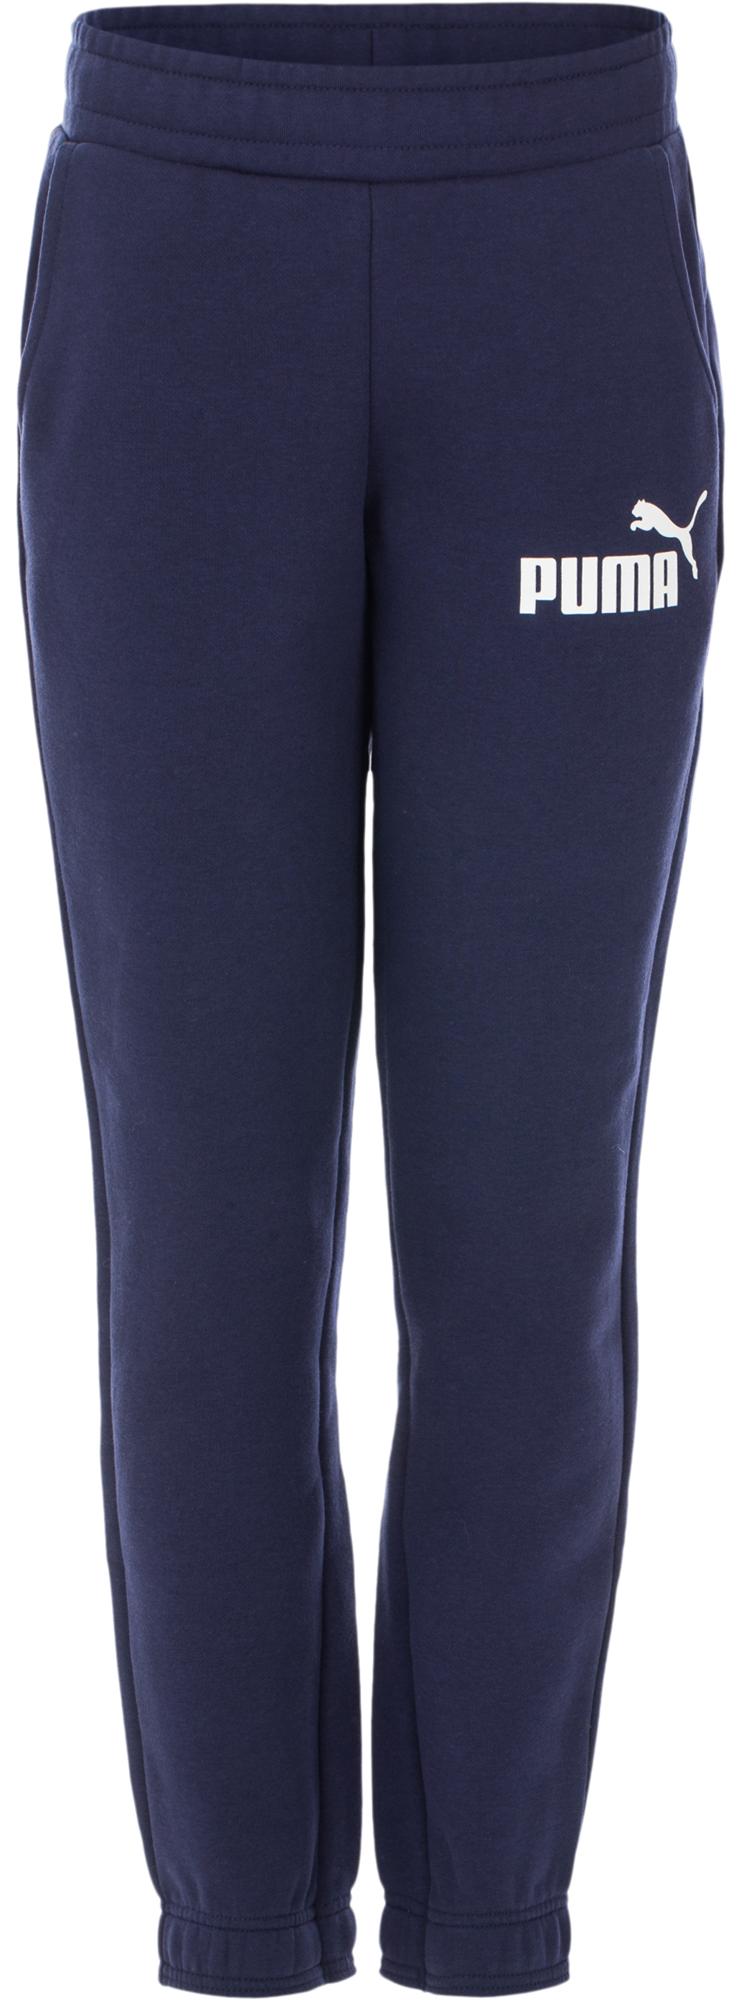 Puma Брюки для мальчиков Puma ESS Logo Sweat, размер 164 брюки спортивные женские puma ess sweat pant tr w цвет светло серый 838430041 размер xl 48 50